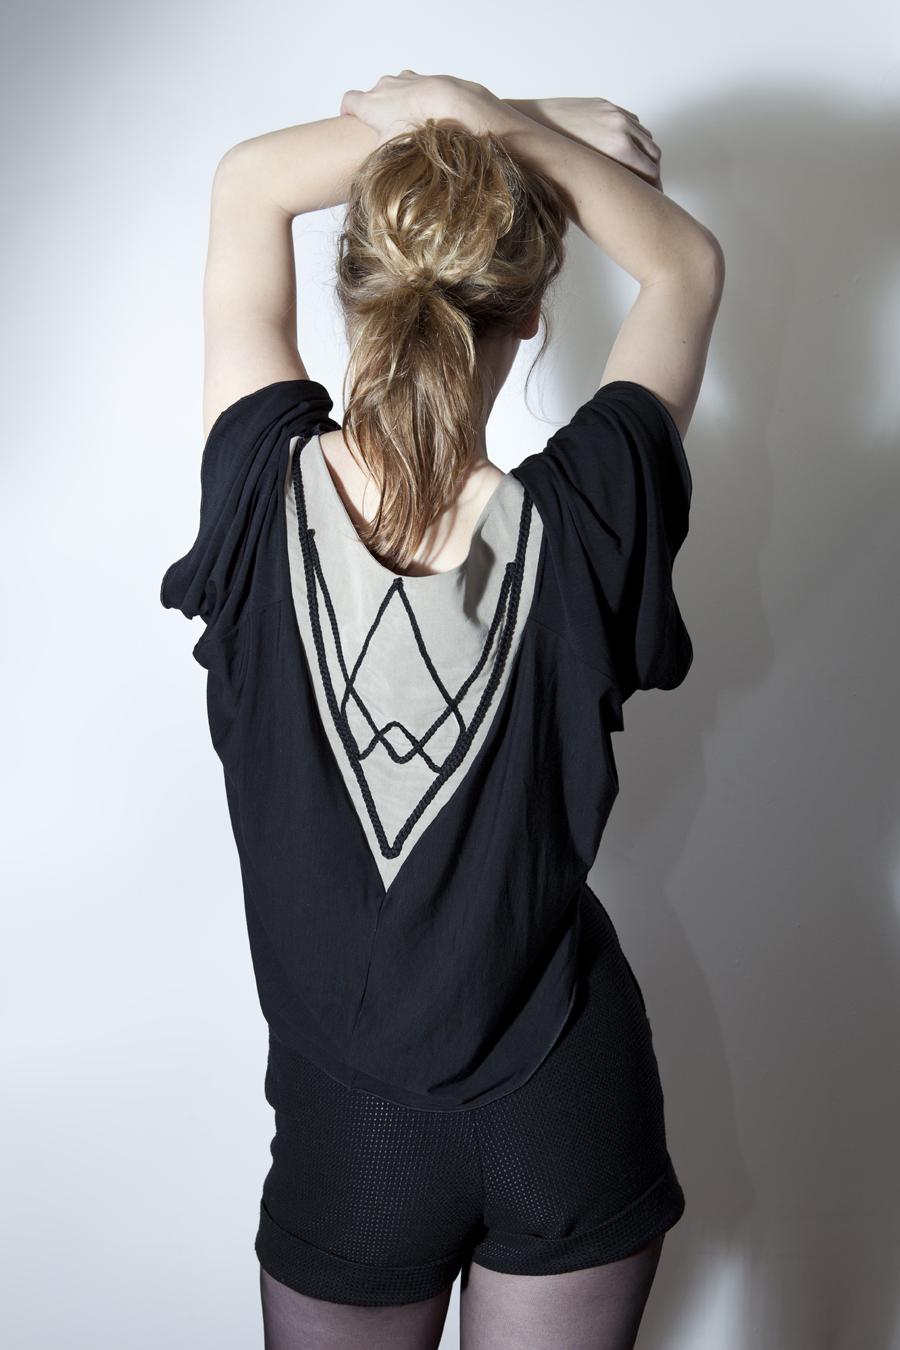 Ready to Wear by Marjolijn van de Ven